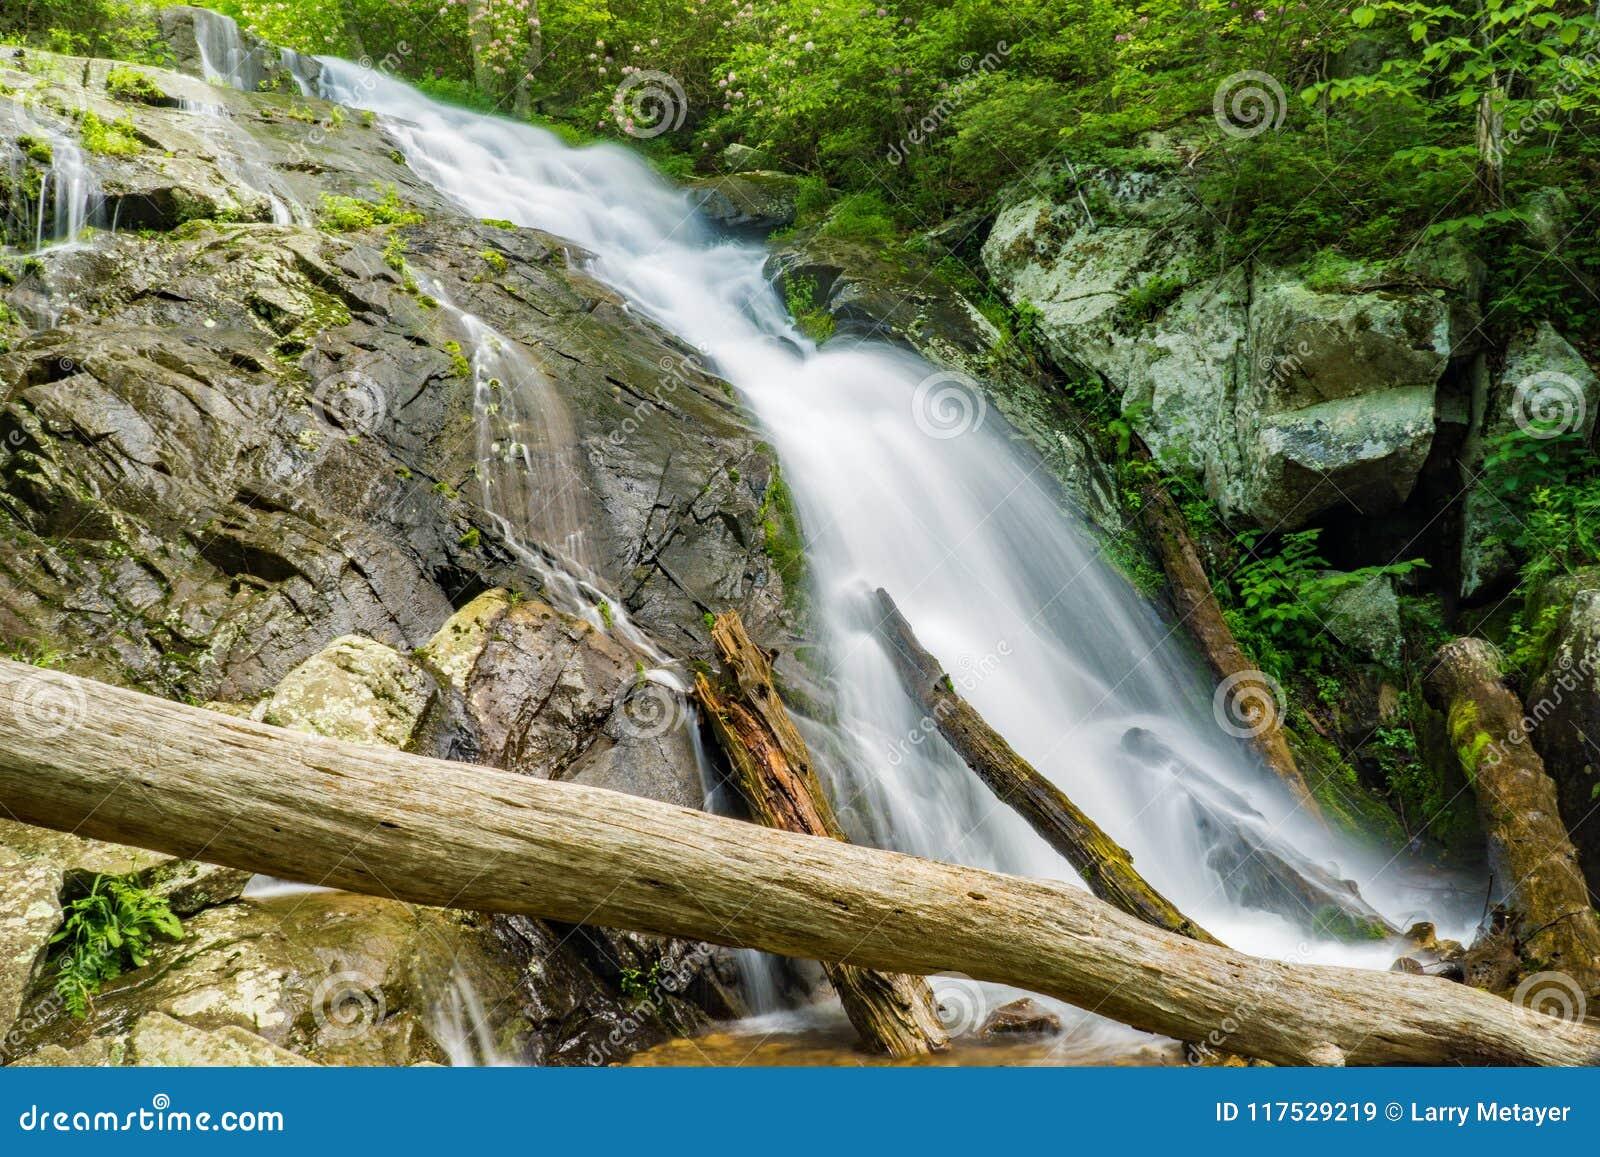 Cascadas de conexión en cascada en la cala de Fallingwater